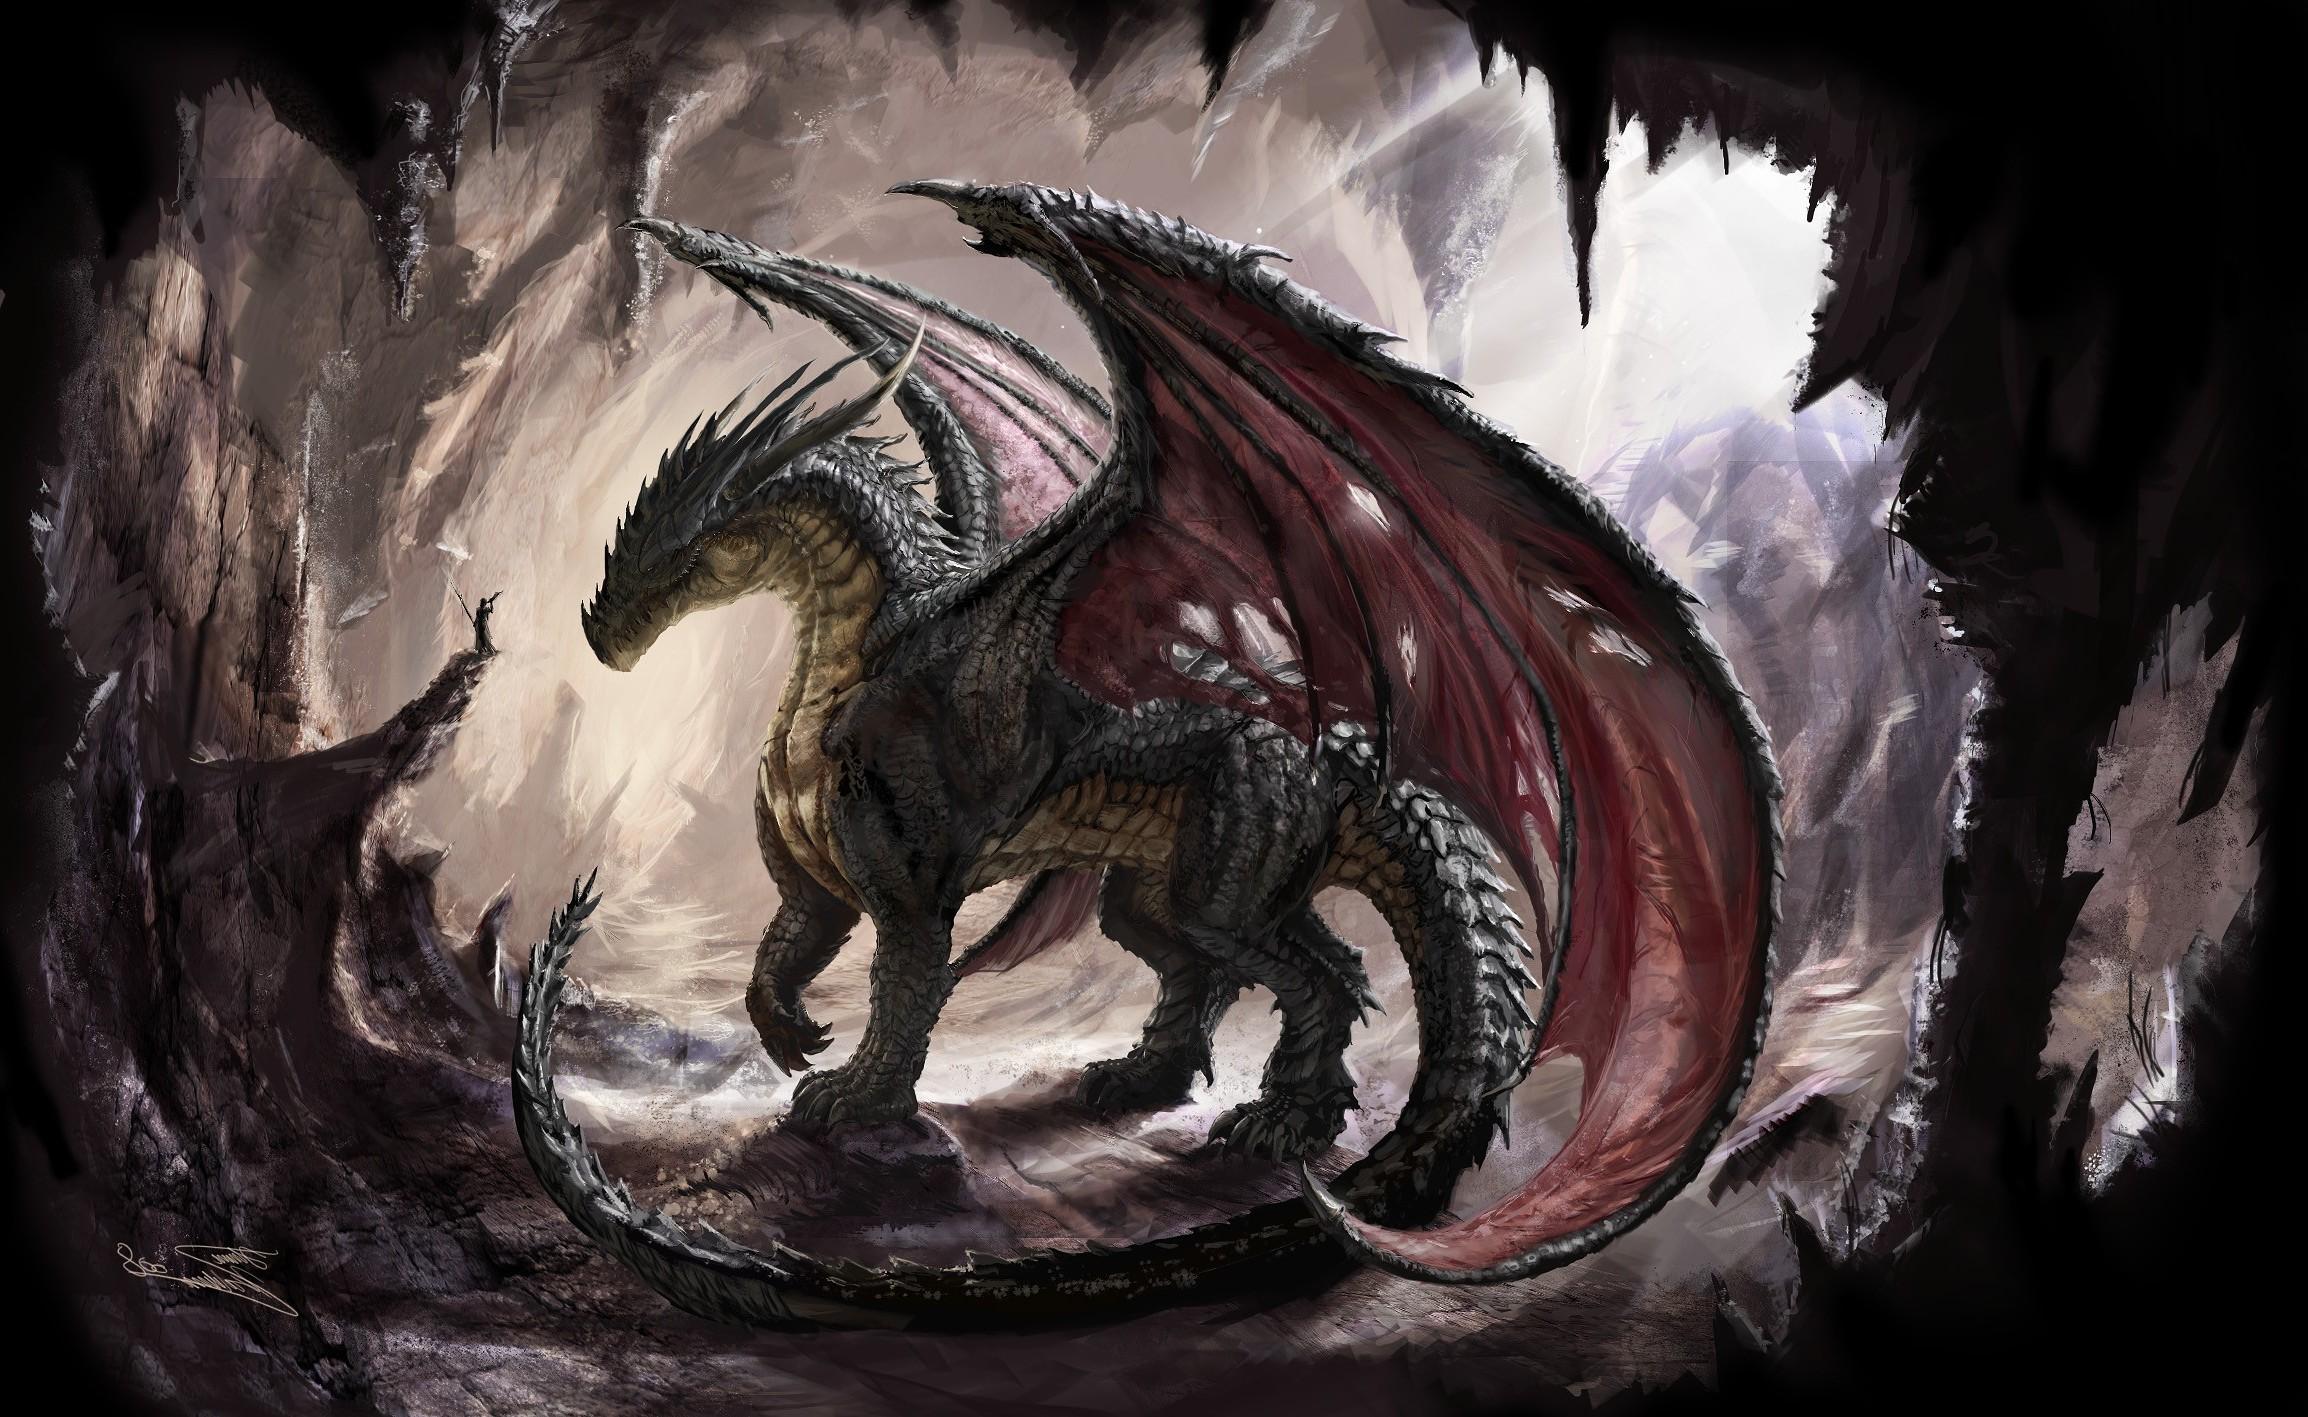 Drawn wallpaper dragon Desktop dragon Wallpaper Wallpapers Art